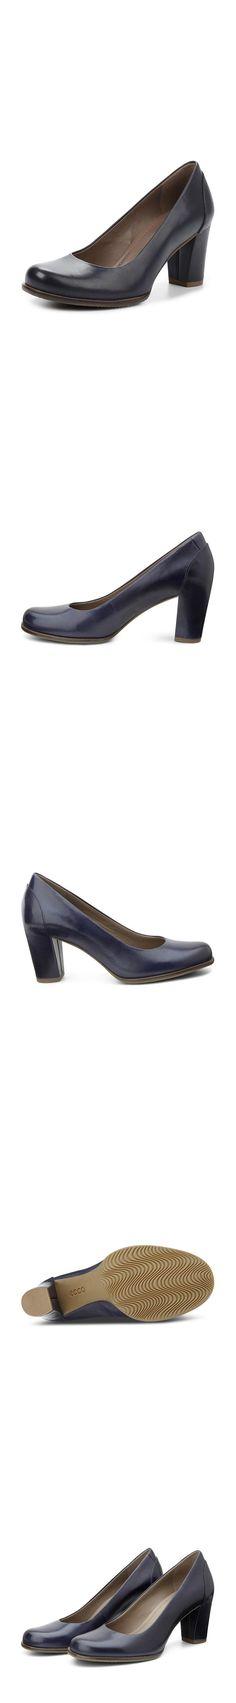 Женская обувь туфли PRETORIA ECCO за 6790.00 руб.